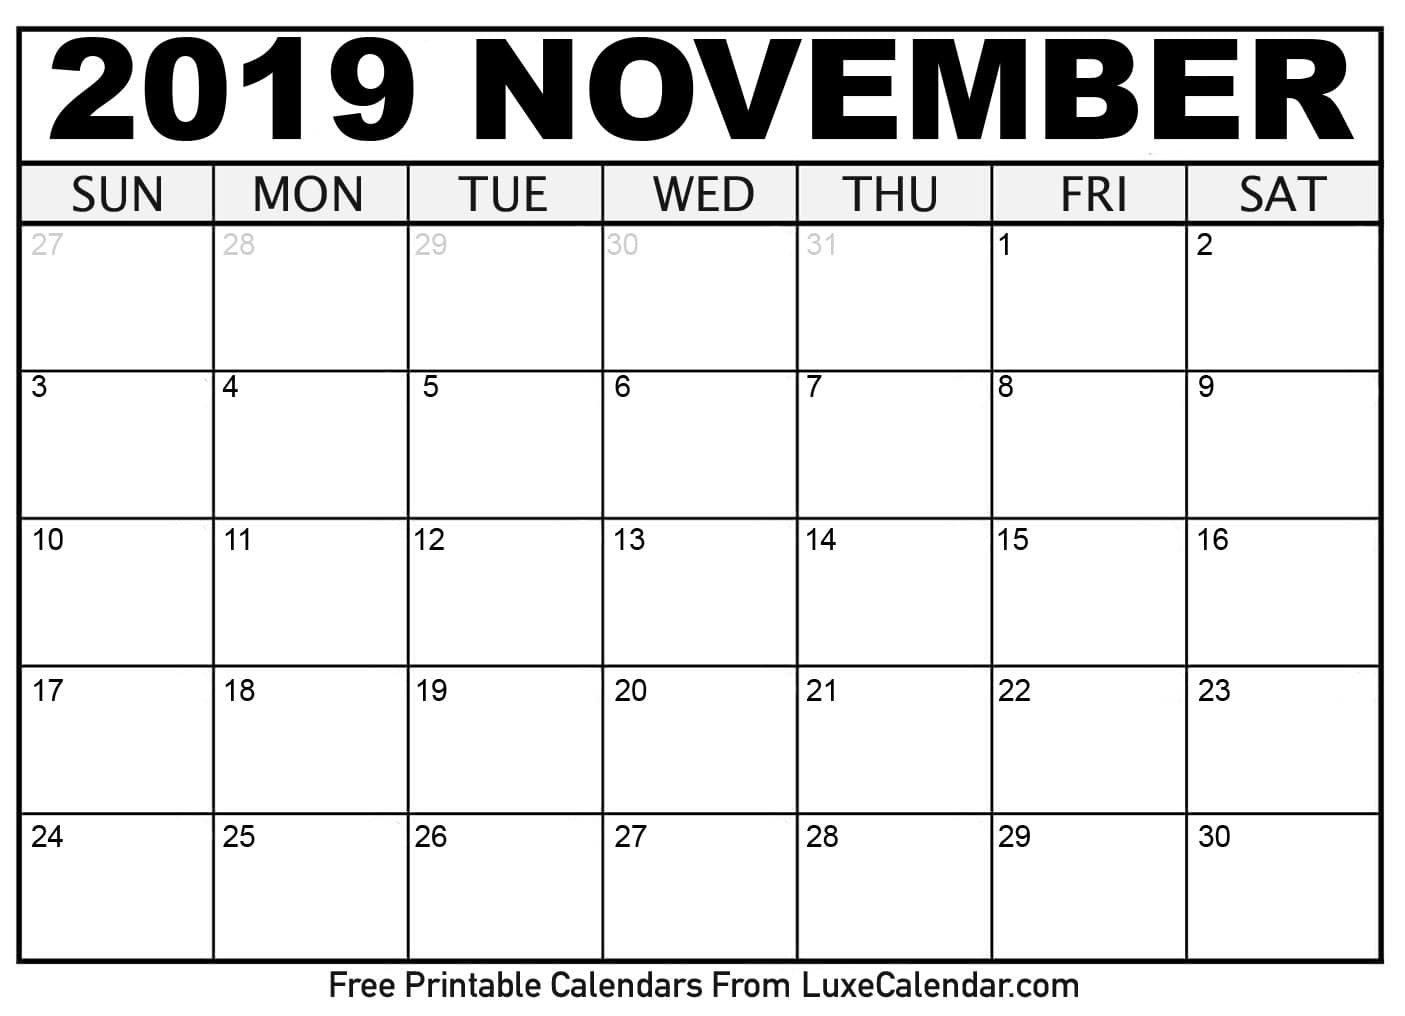 Blank November 2019 Printable Calendar – Luxe Calendar Calendar 2019 November